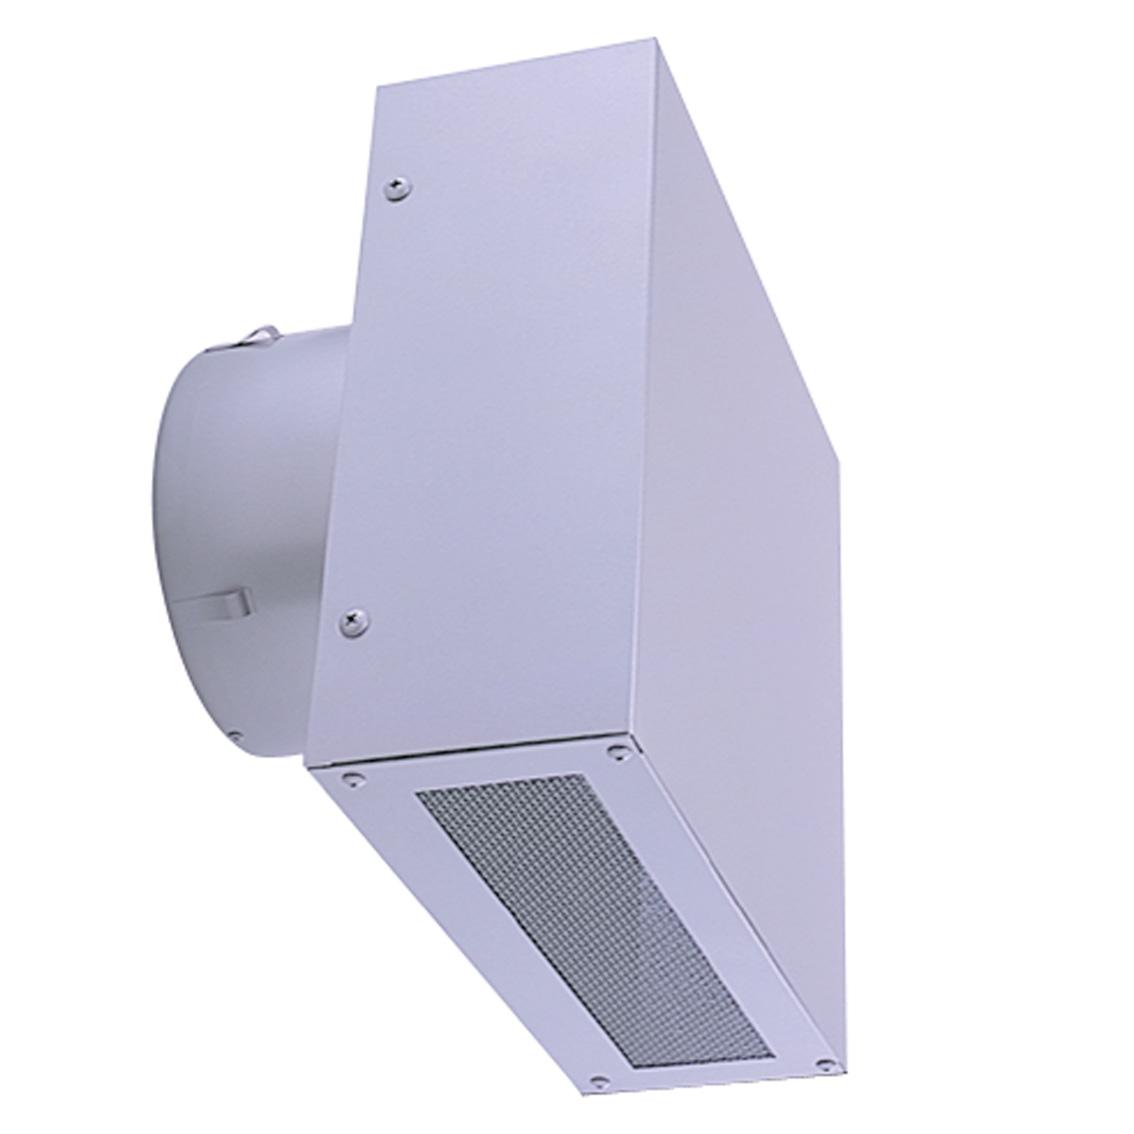 西邦工業 SEIHO KKND100BSC 受注生産 防音型製品(ステンレス製換気口) 金網型10メッシュ 防音タイプ 防火ダンパー付